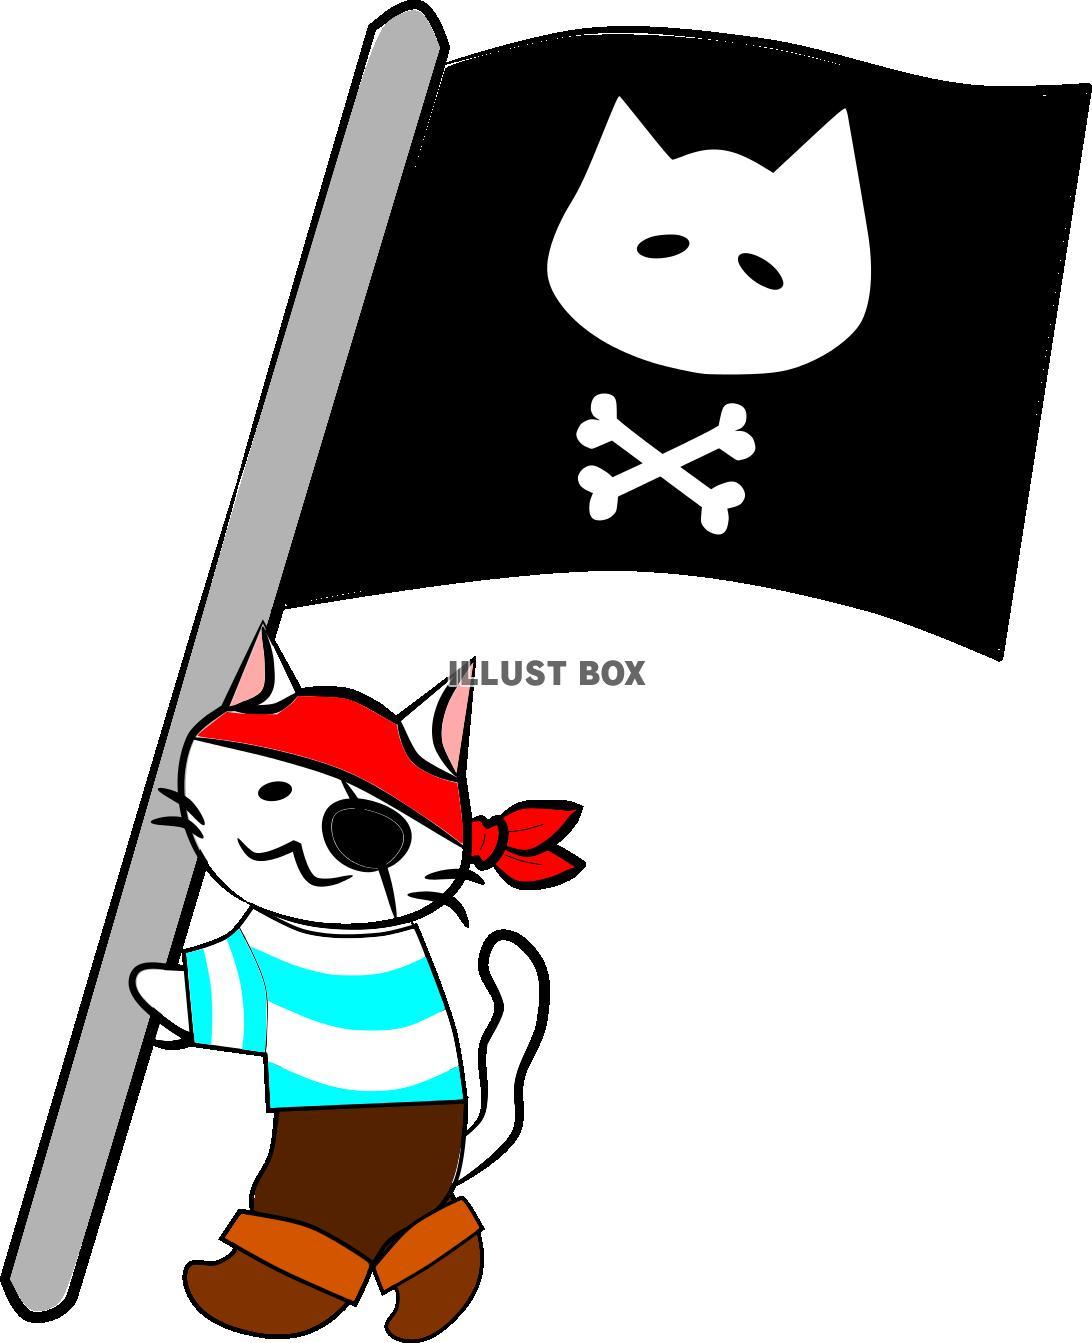 無料イラスト にゃんこすぷれ海賊にゃーpng透過